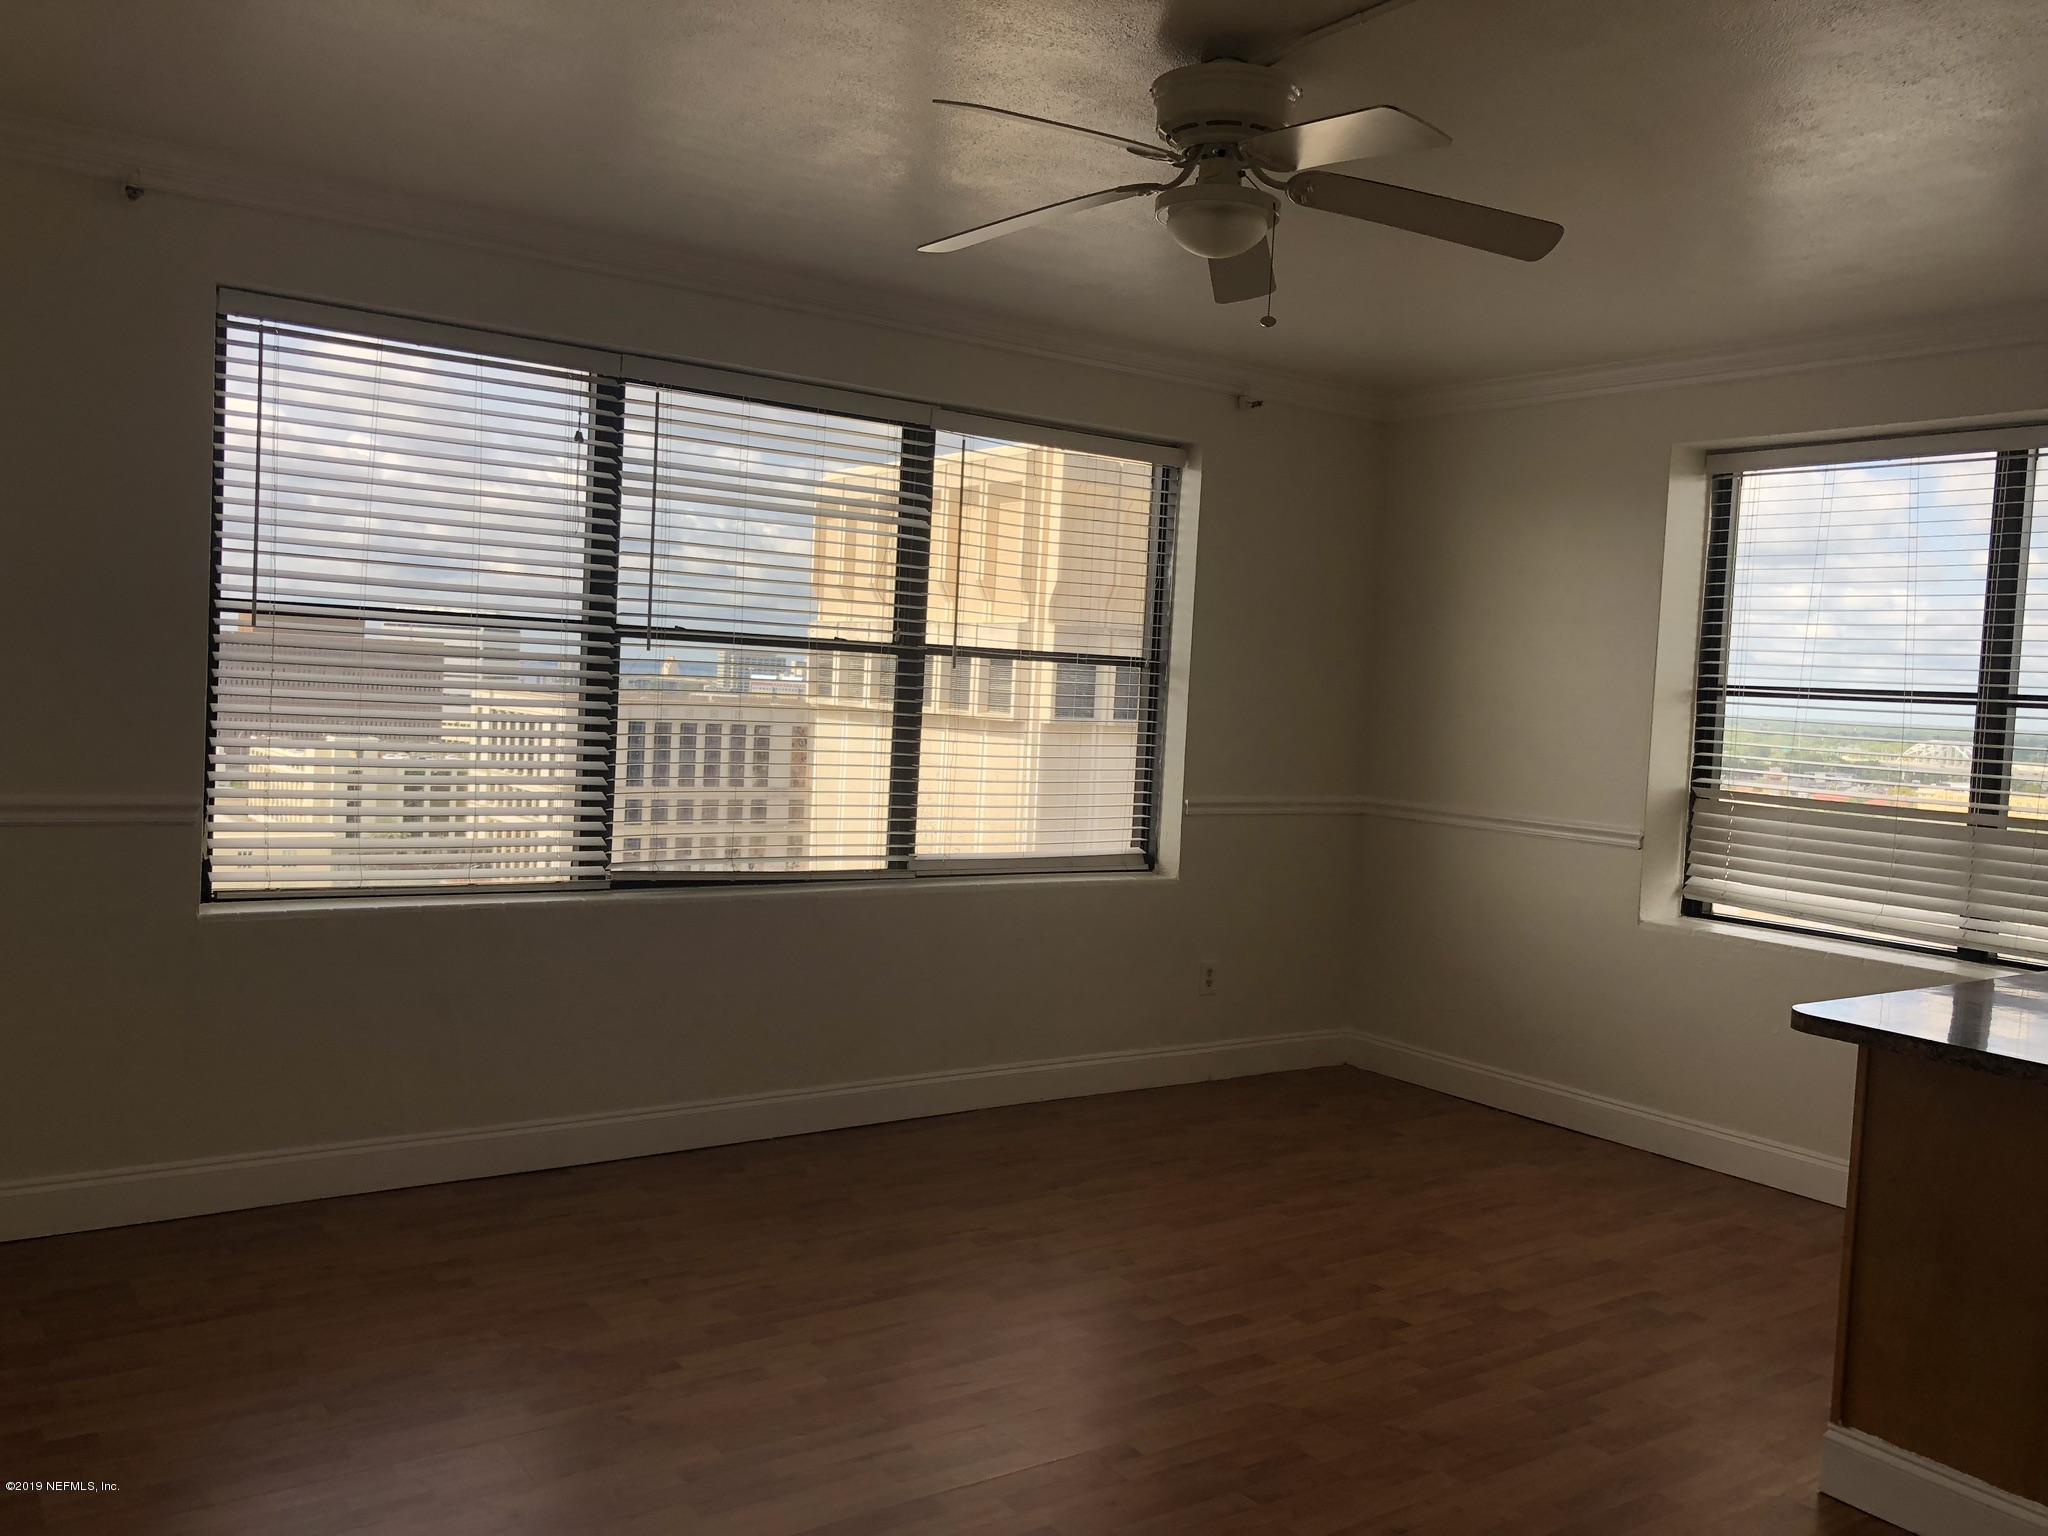 311 ASHLEY, JACKSONVILLE, FLORIDA 32202, 2 Bedrooms Bedrooms, ,2 BathroomsBathrooms,Condo,For sale,ASHLEY,1017341